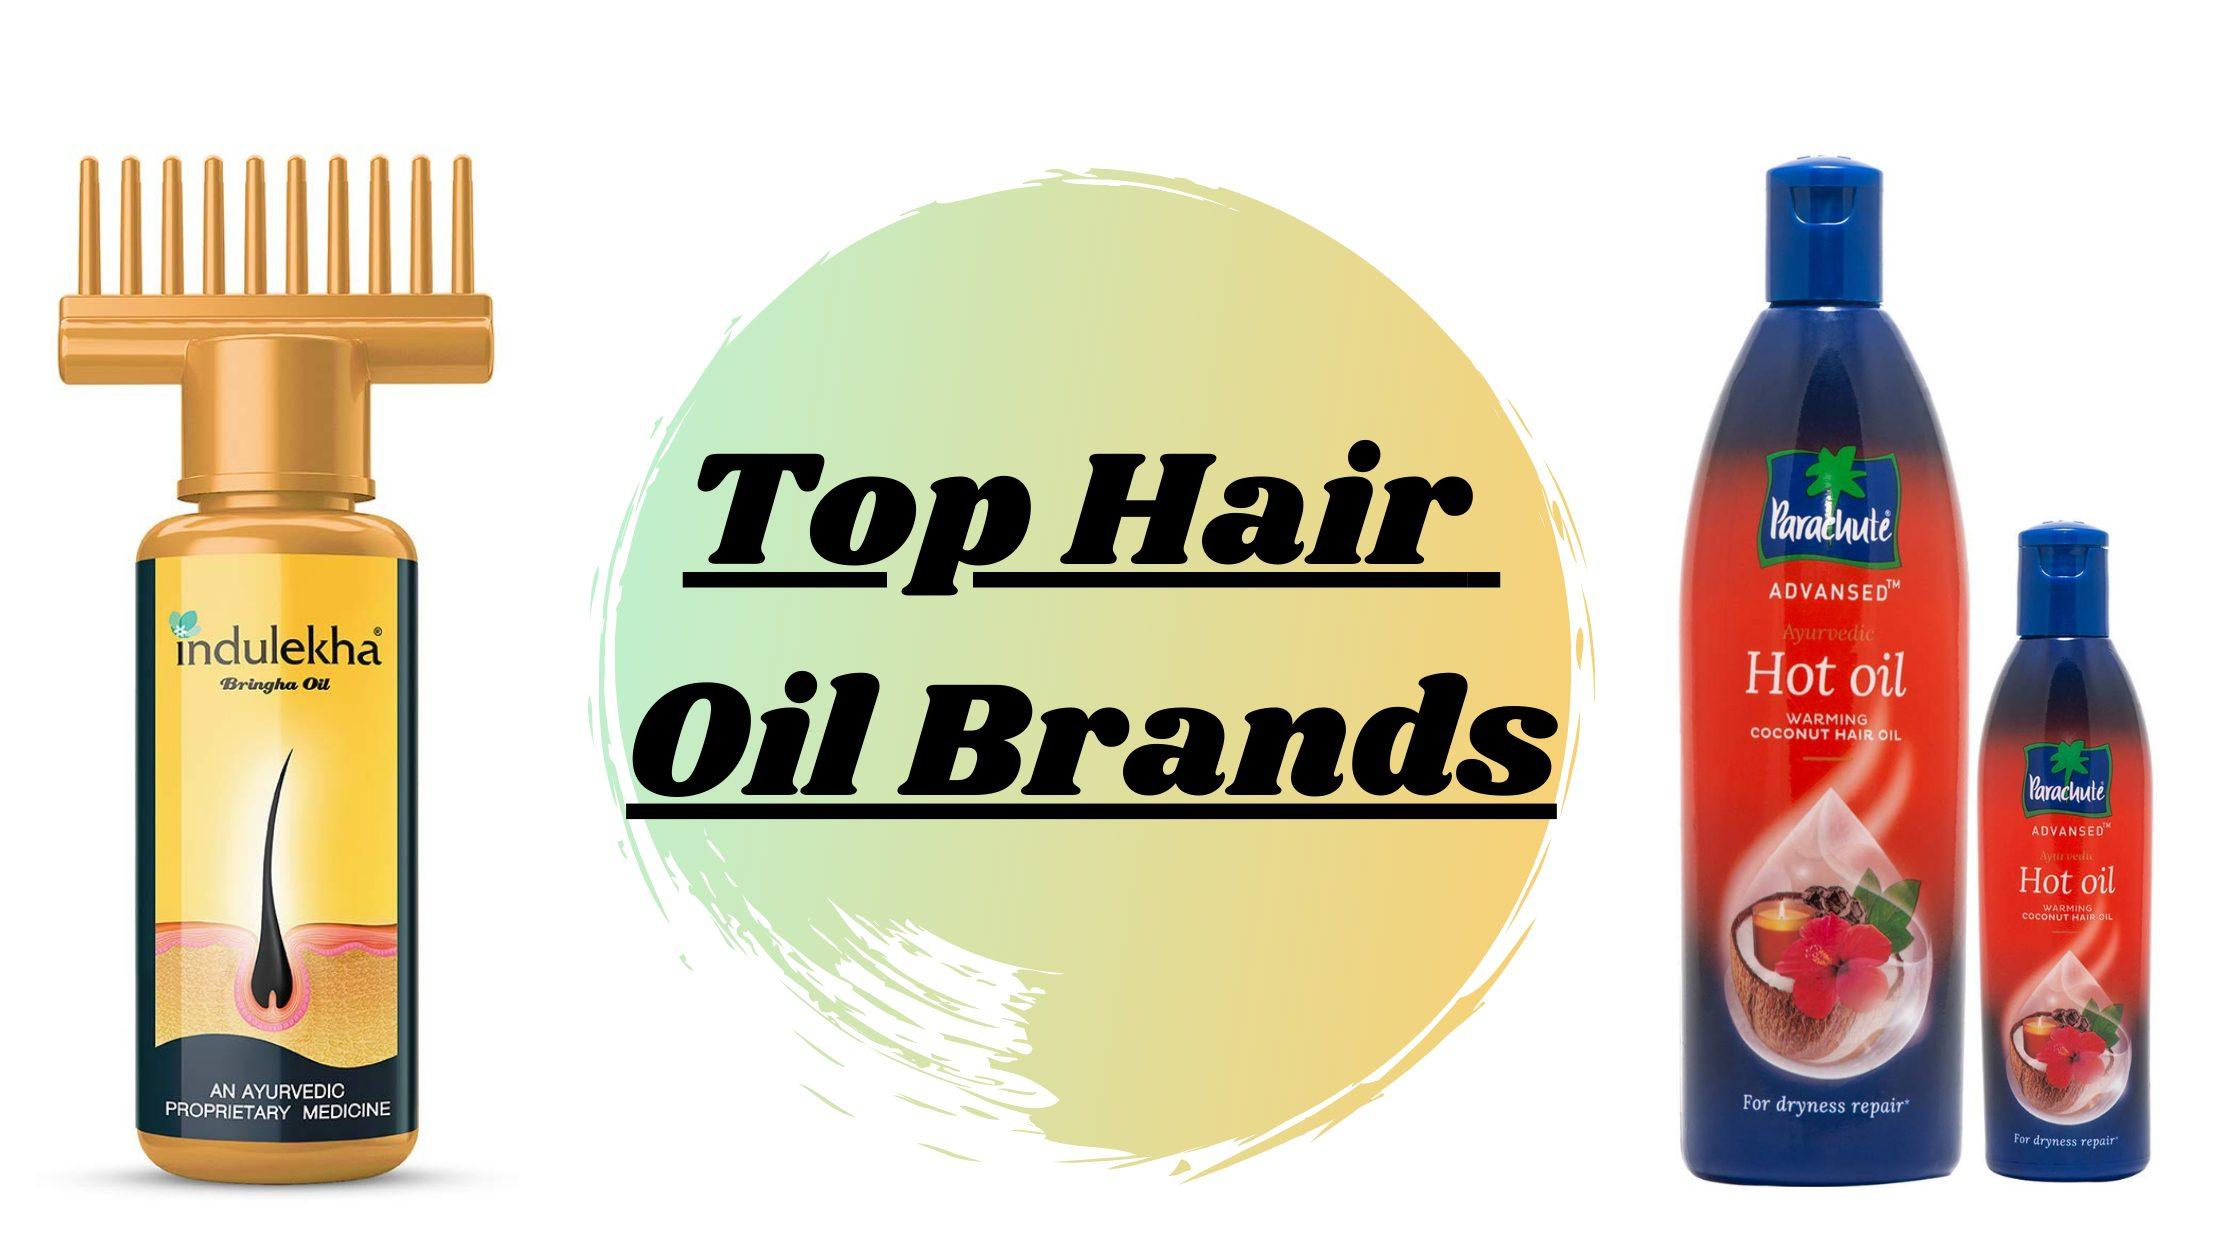 Top Hair Oil Brands